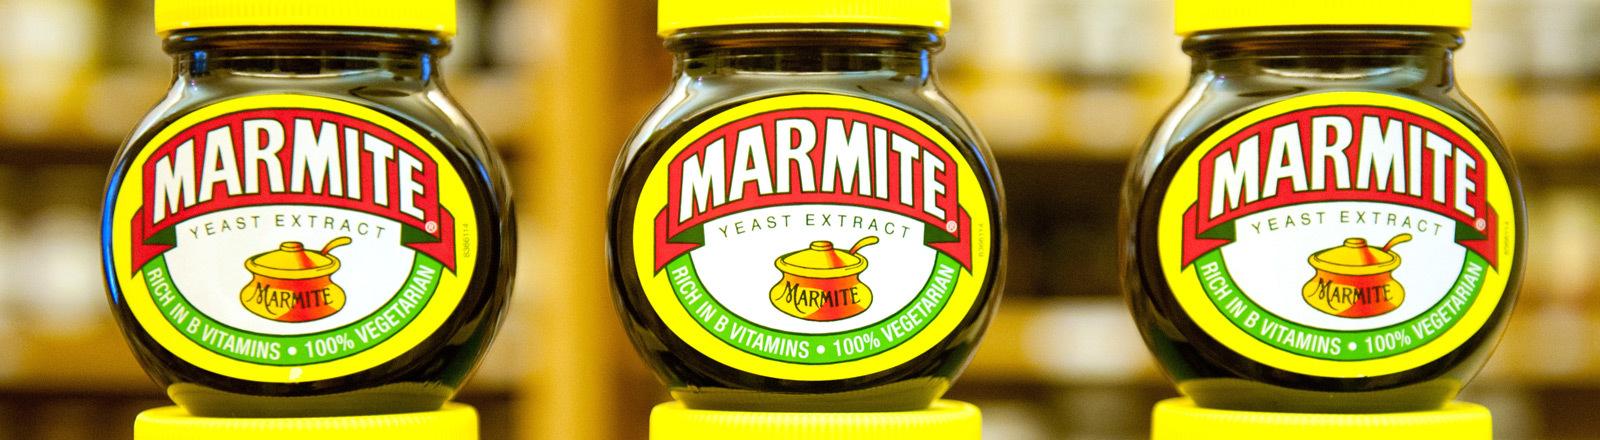 Marmite-Gläser